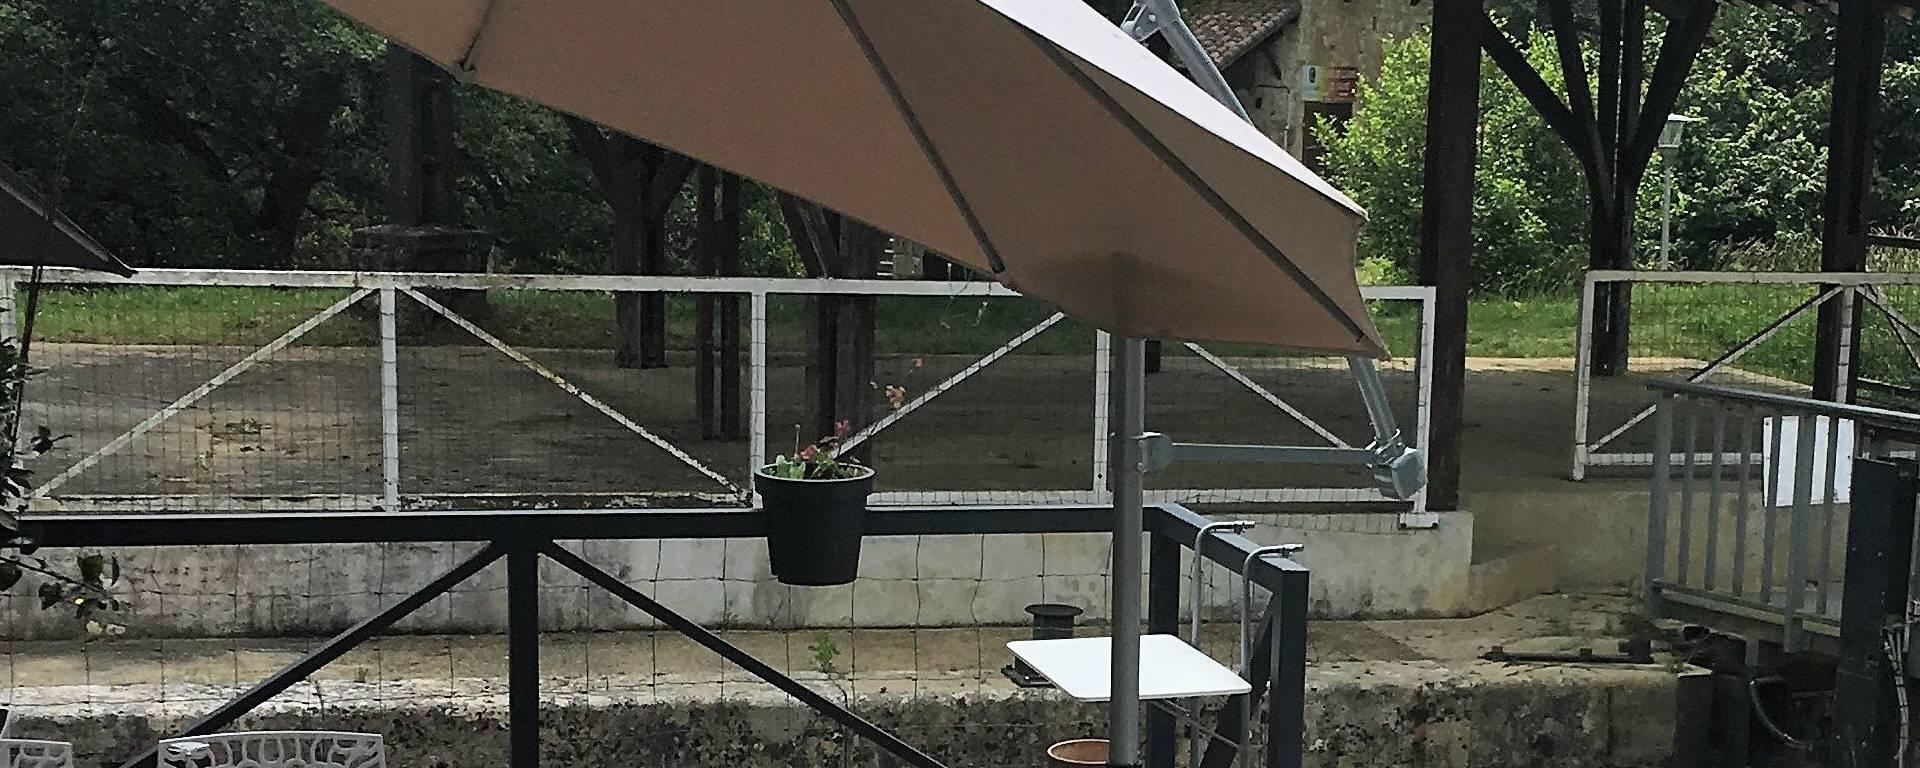 Restaurant du Moulin du Petit Gascon, à Condom,en bord de rivière